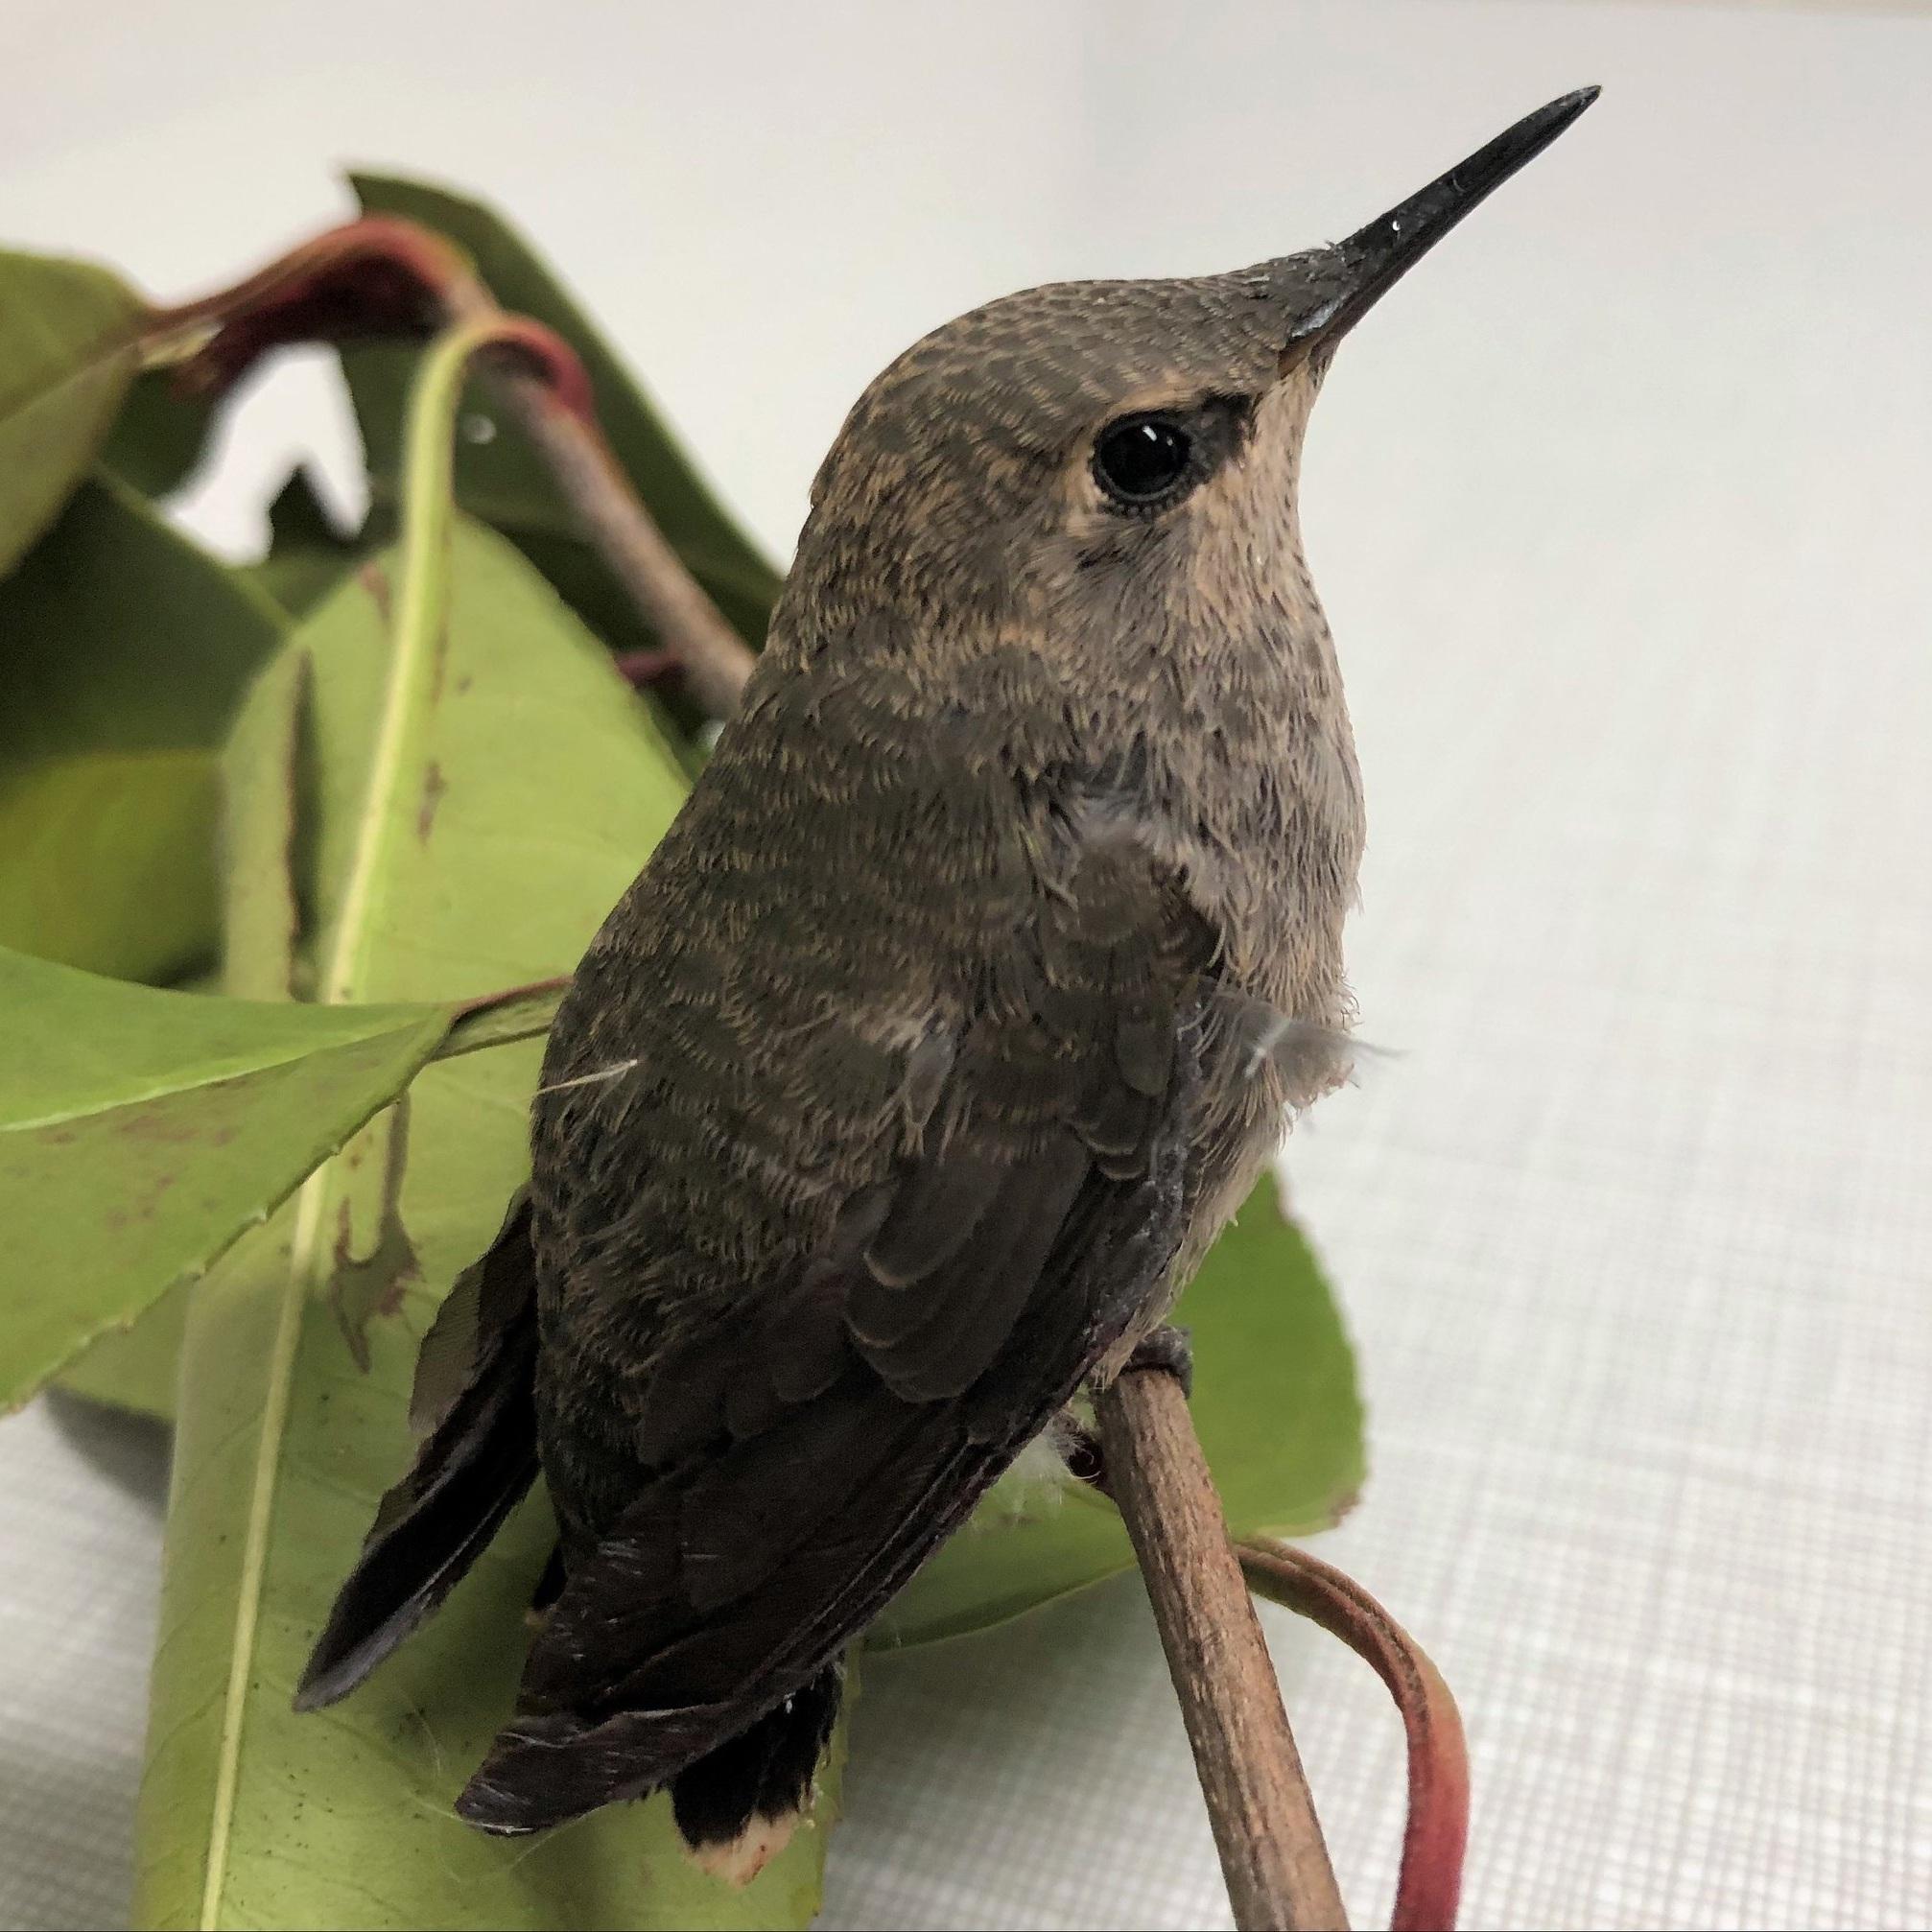 Courtesy of Bird Rescue Center